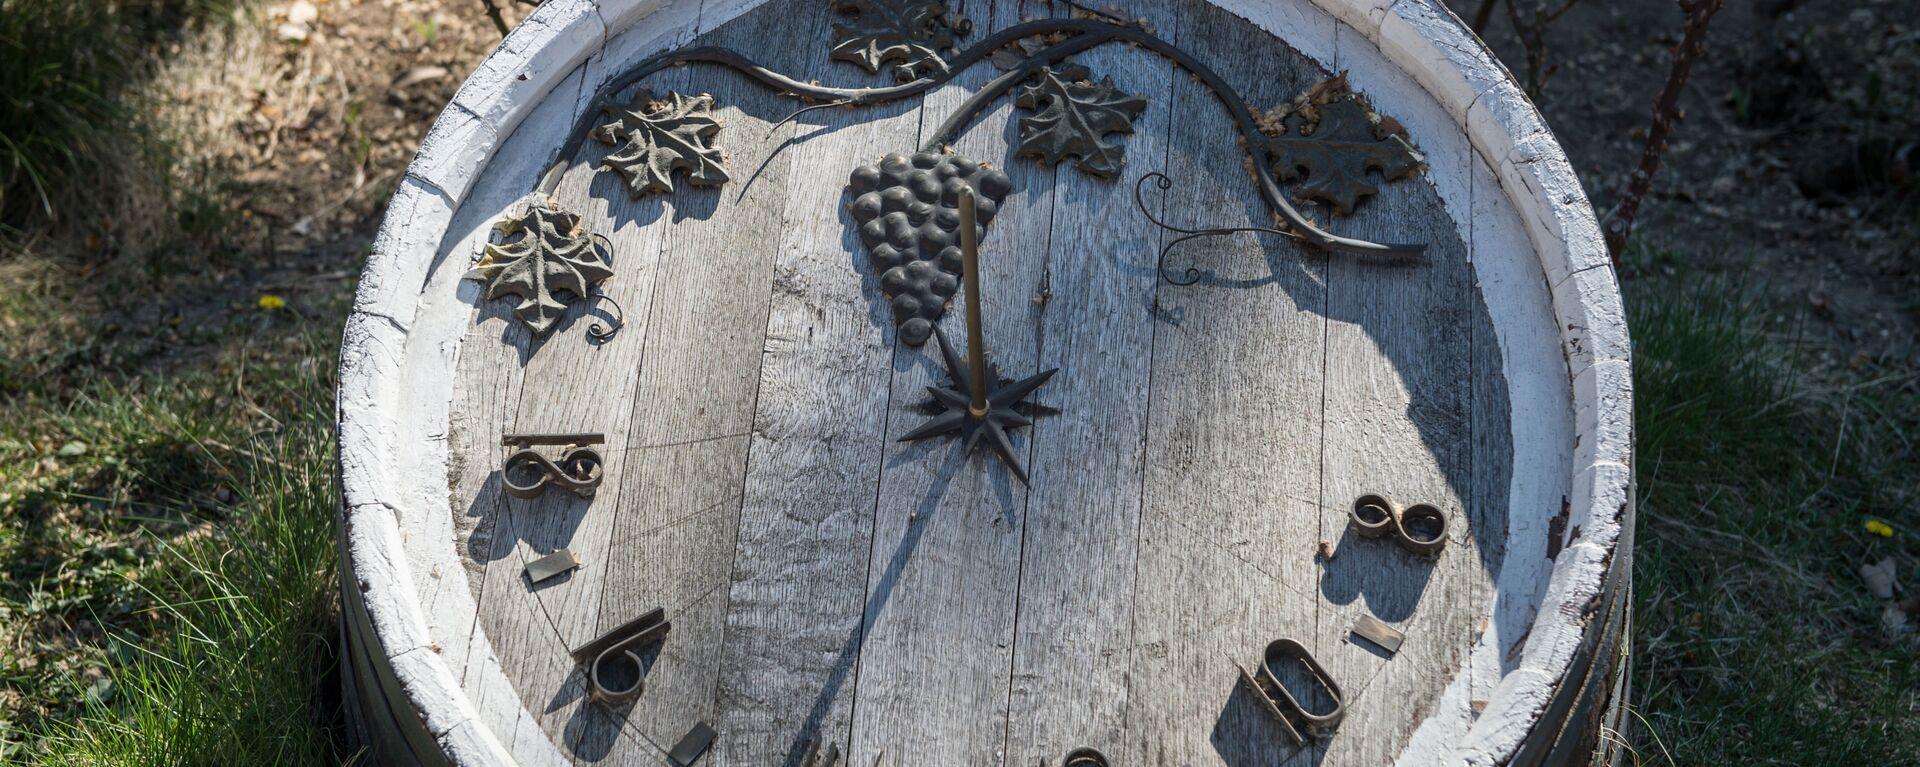 Солнечные часы на старой дубовой бочке в Крыму - Sputnik Грузия, 1920, 14.09.2017